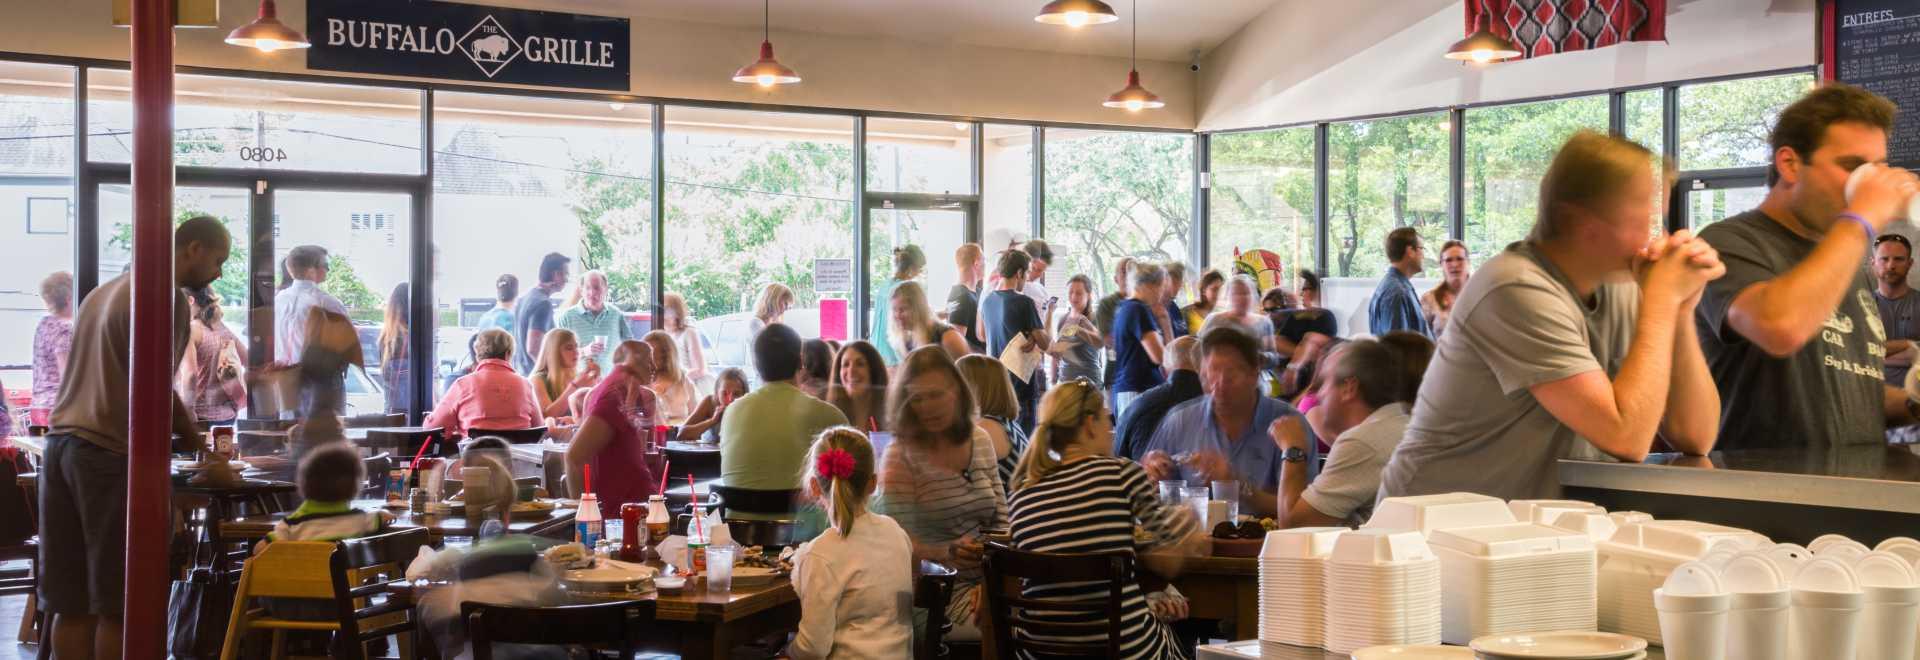 Chinese Restaurants In Chinatown Houston Texas